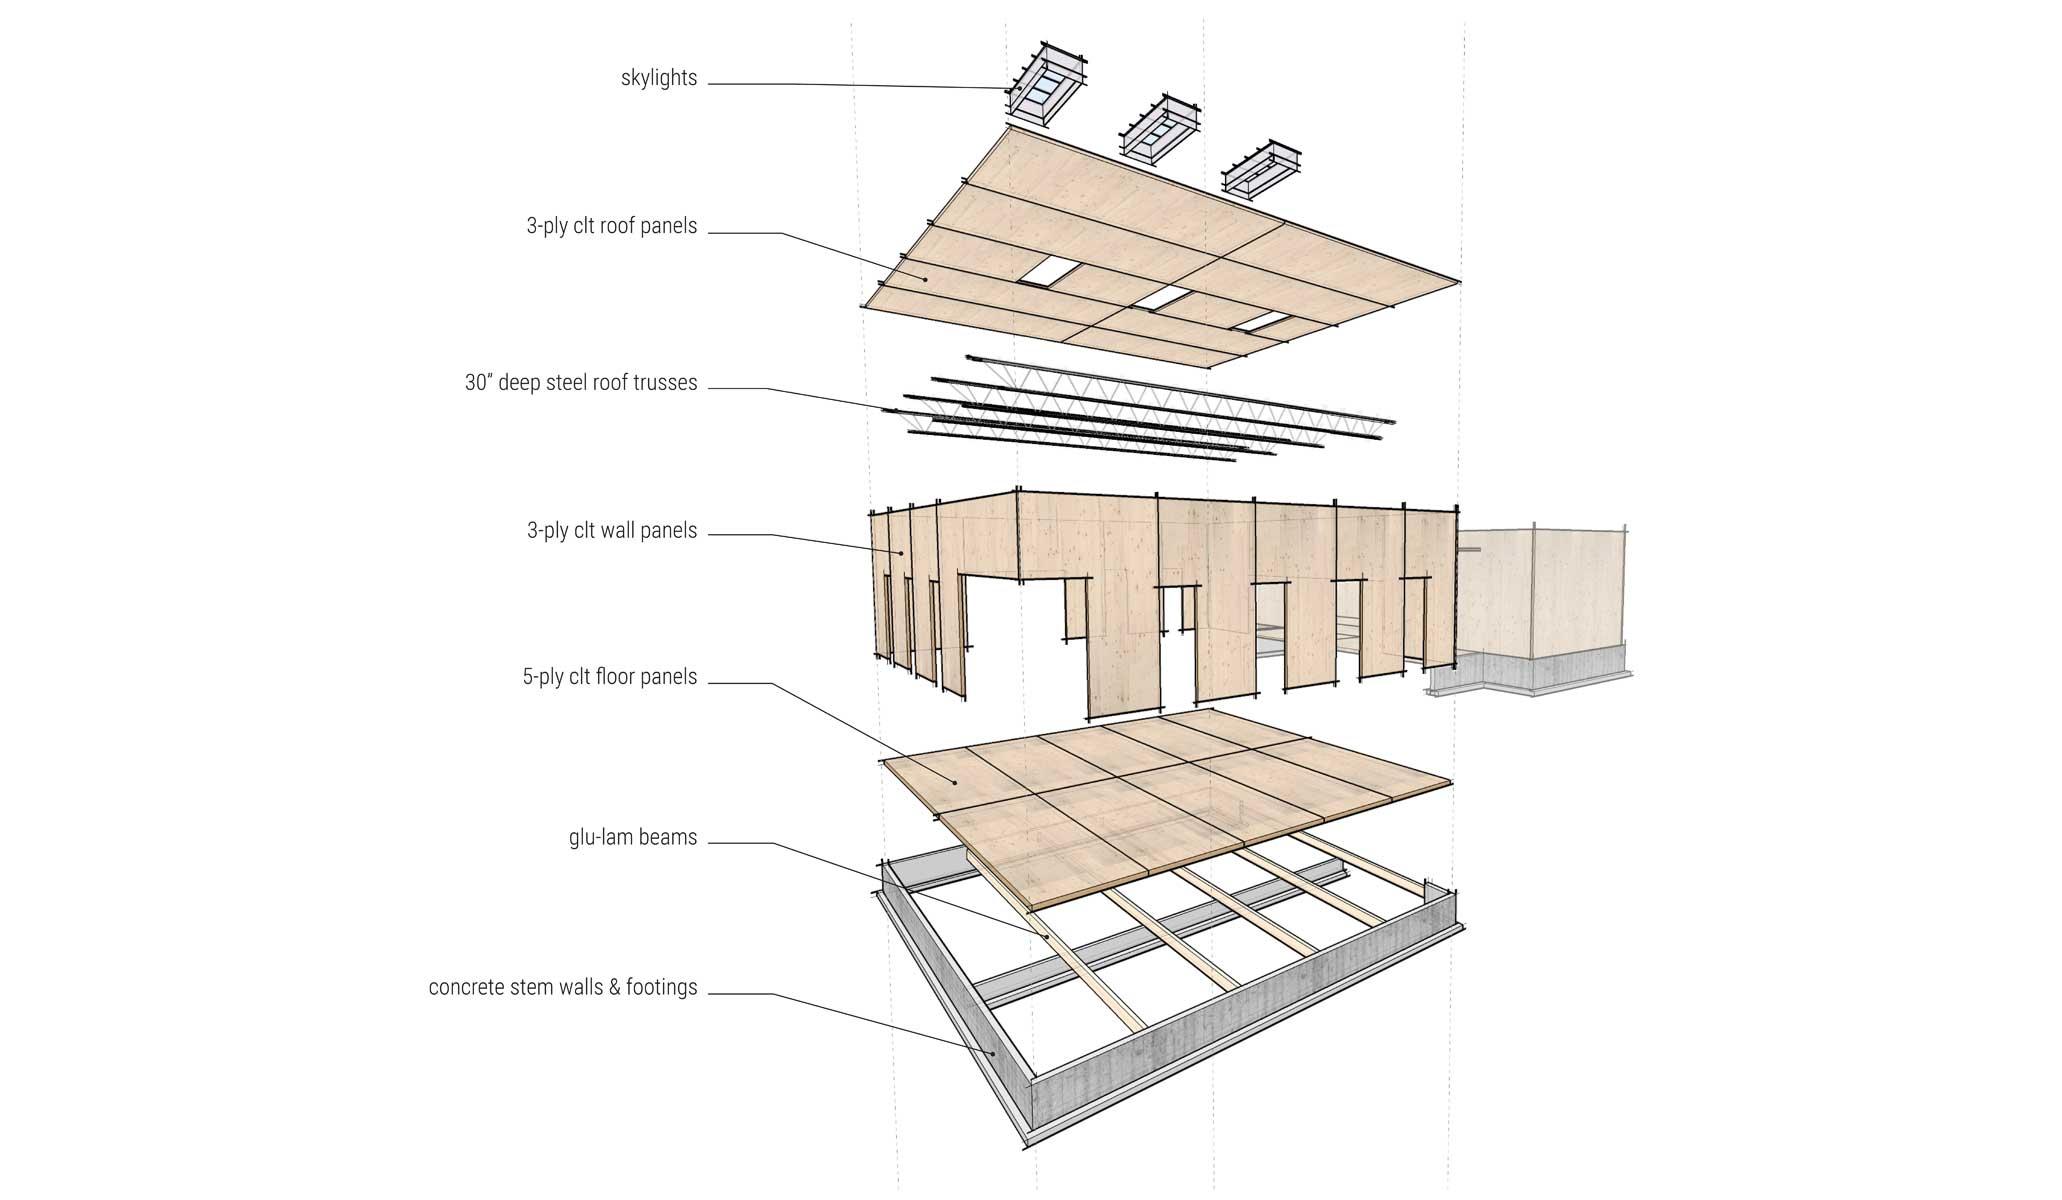 exploded axon diagram amp pds 4 la conner buildingwork